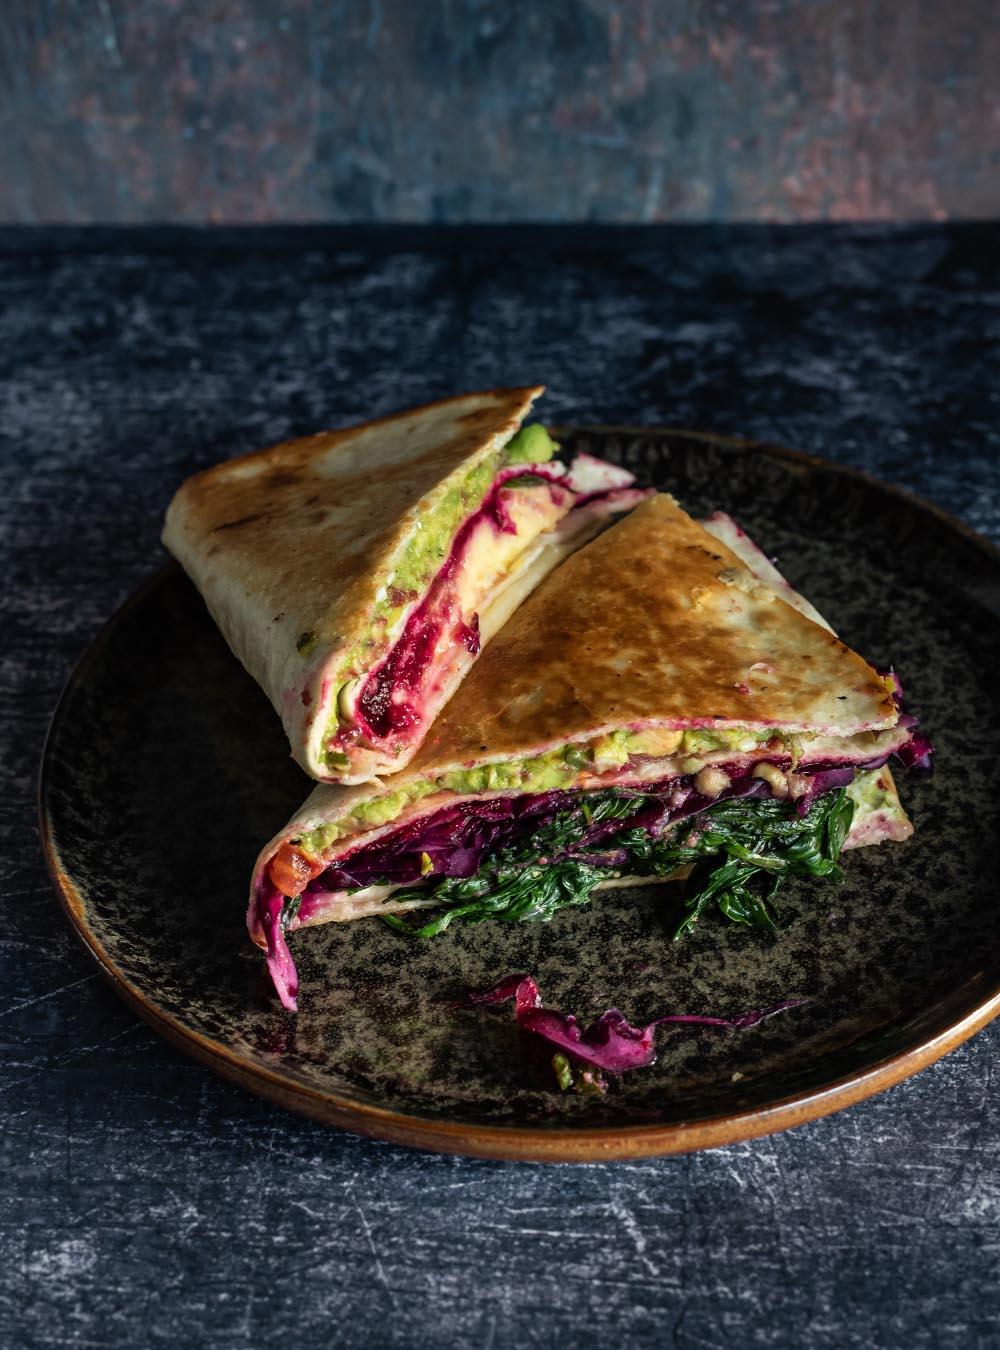 Tortilla Wrap - Tic Toc's Tortilla Trend